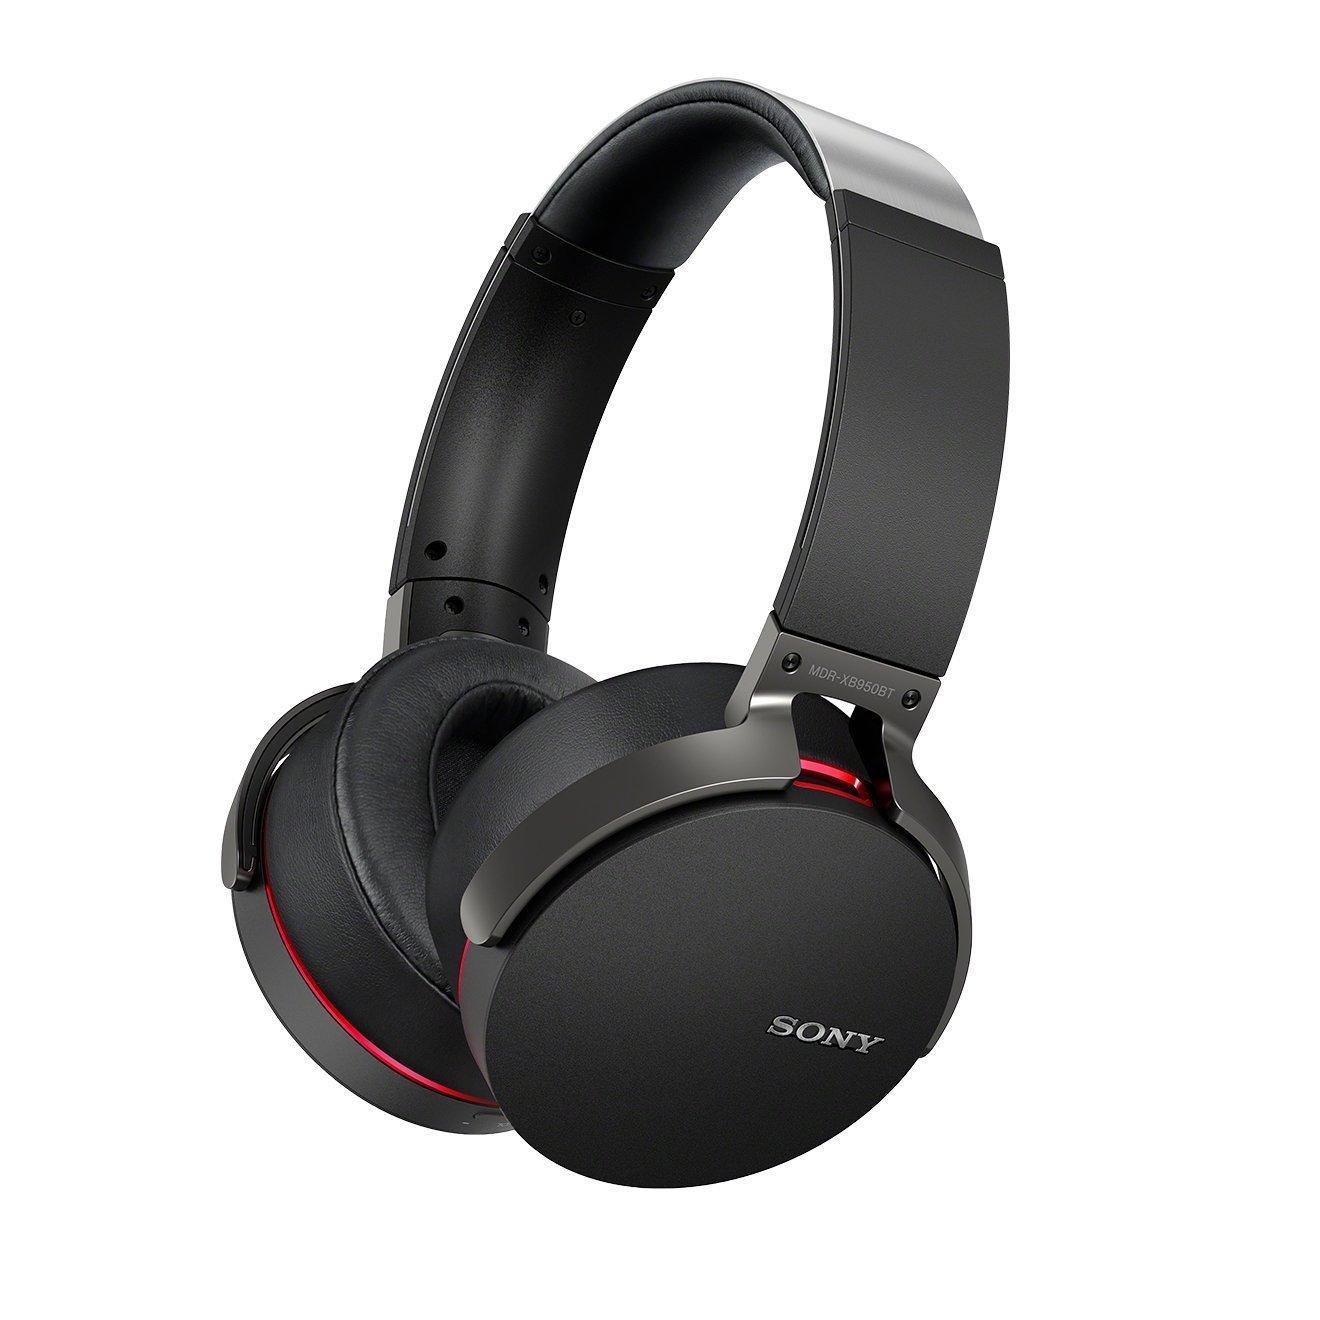 Słuchawki bluetooth Sony MDR-XB950BT za 407zł z dostawą @ Amazon.co.uk